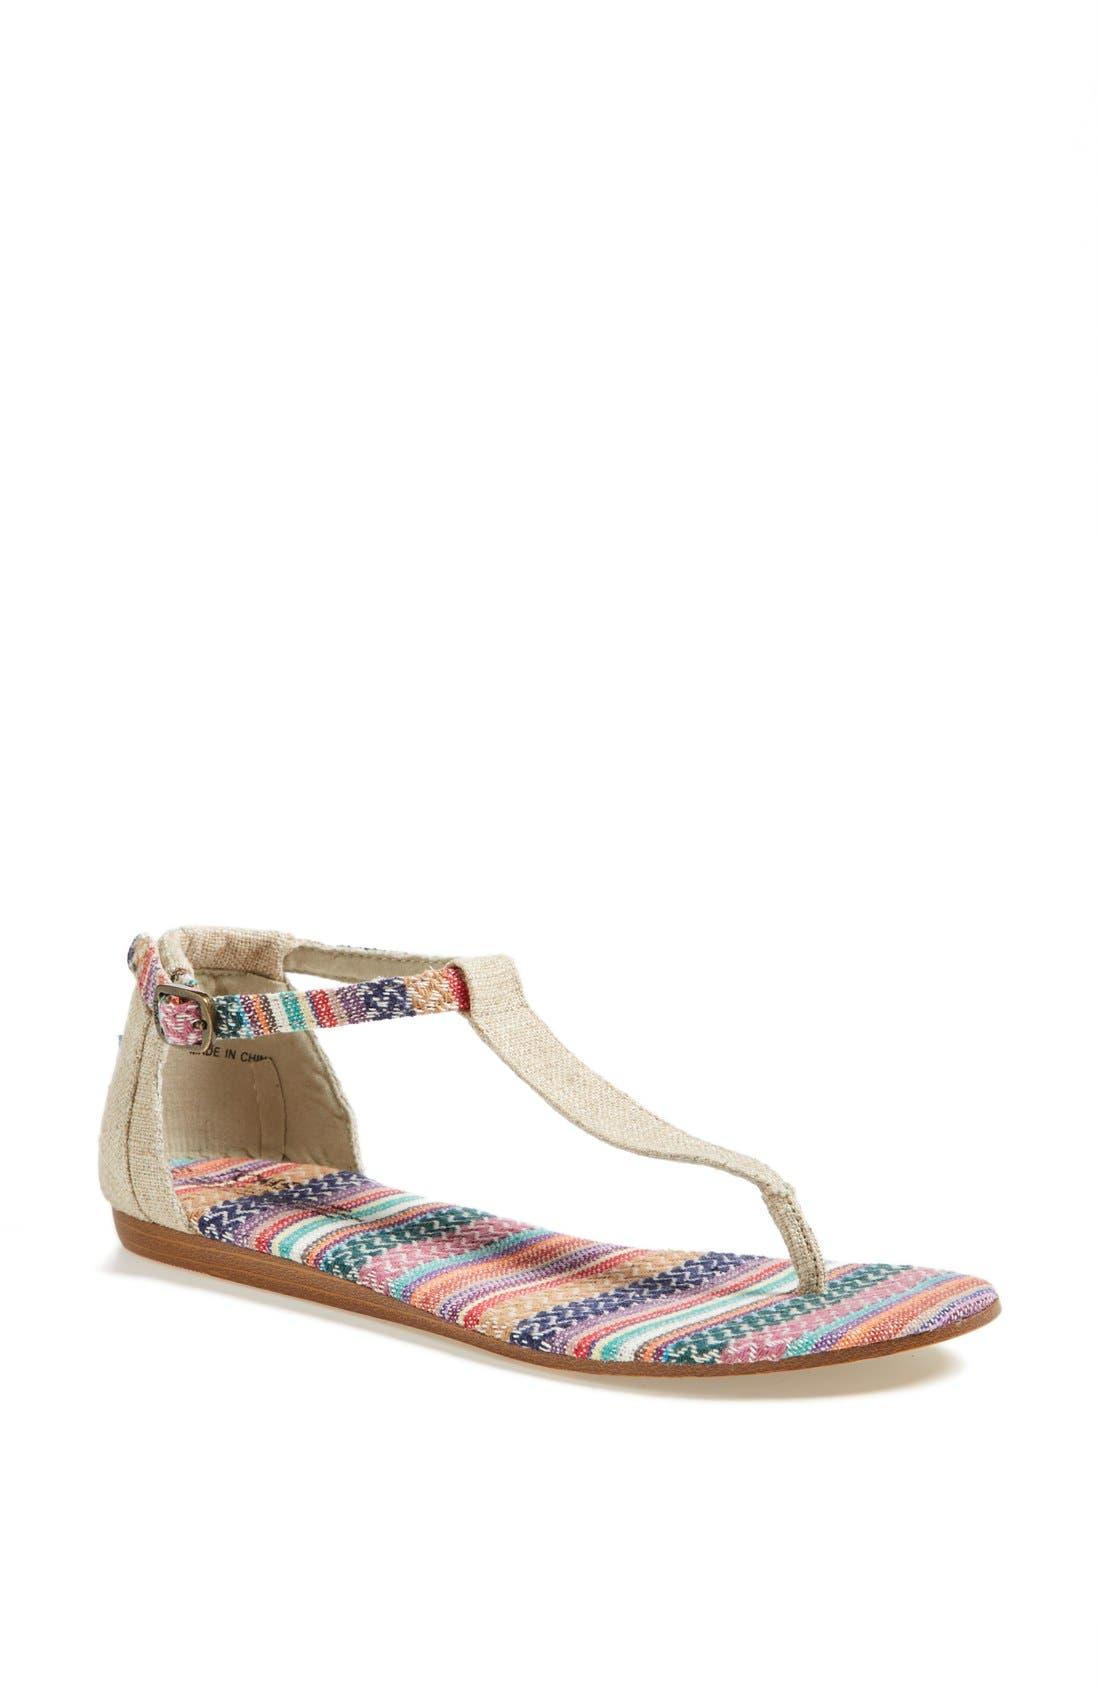 Main Image - TOMS 'Playa' Thong Sandal (Women)